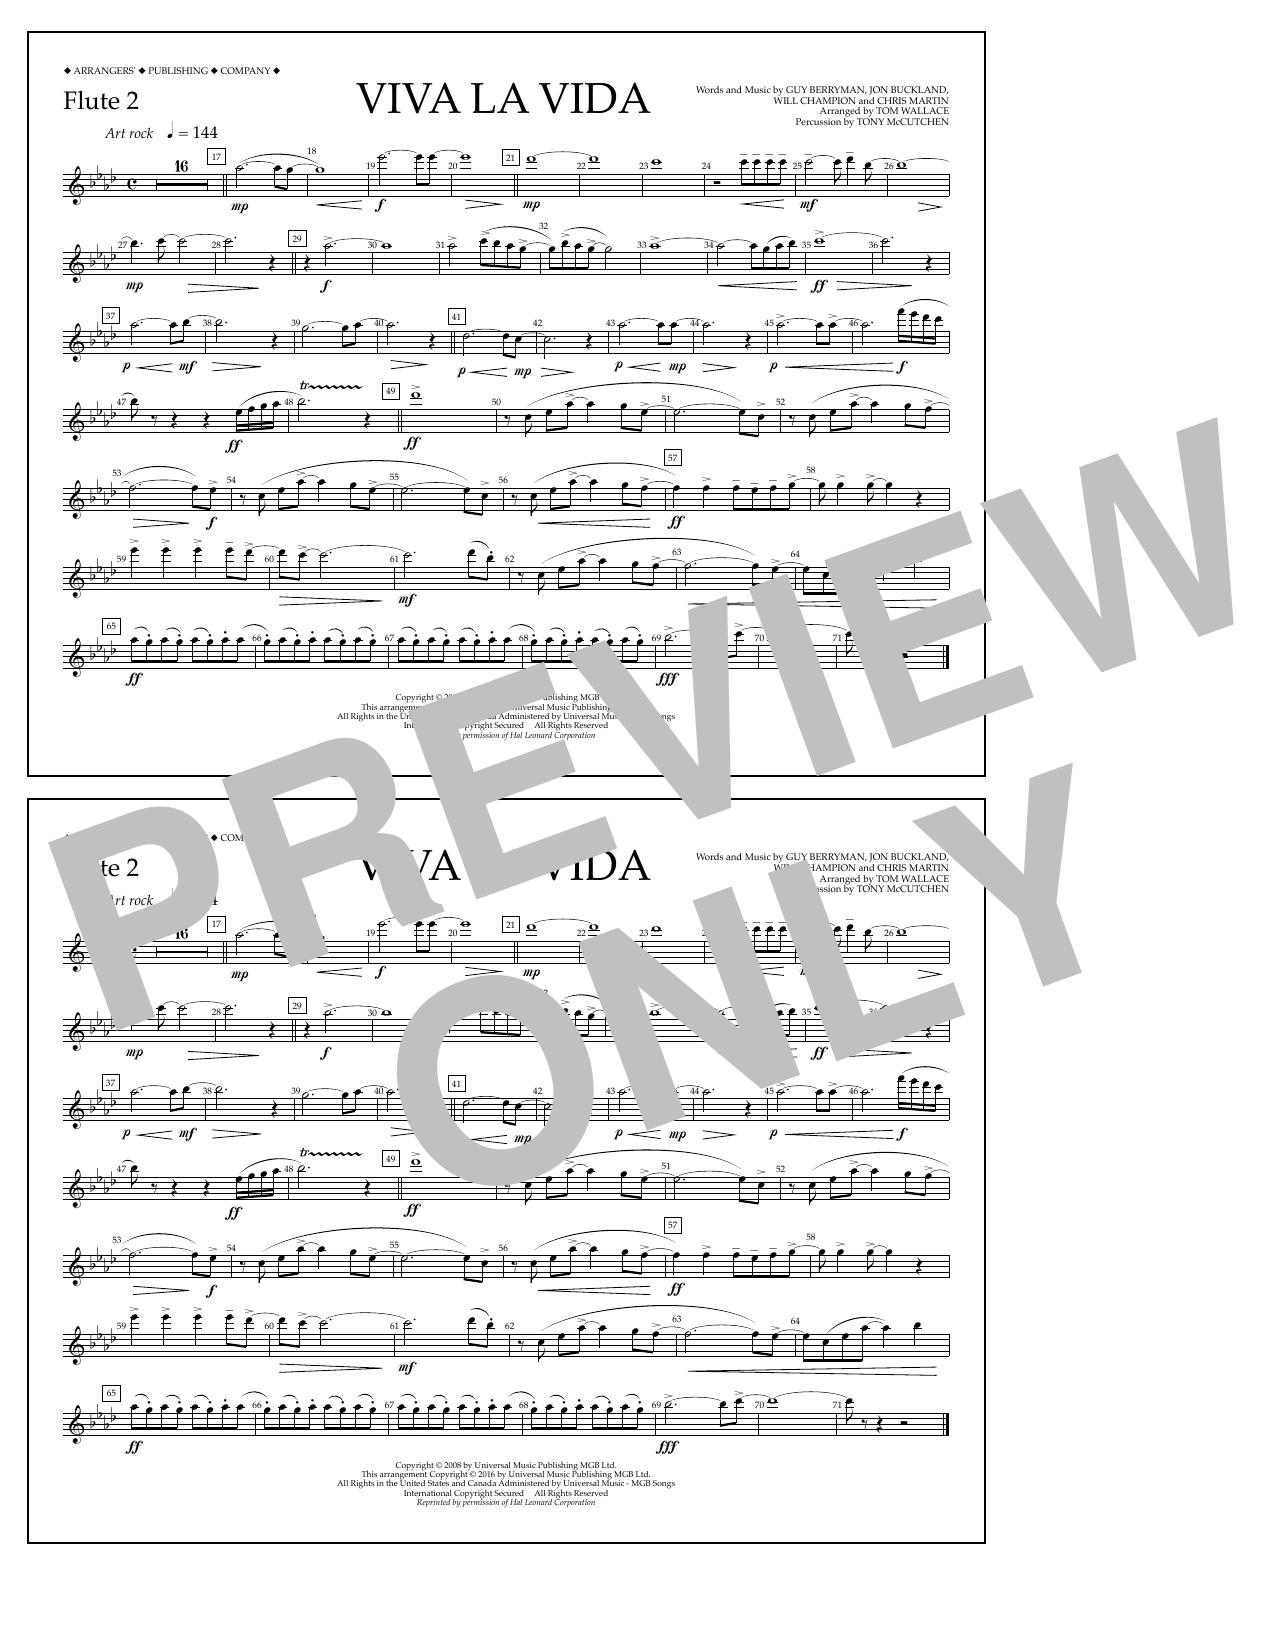 Coldplay - Viva La Vida - Flute 2